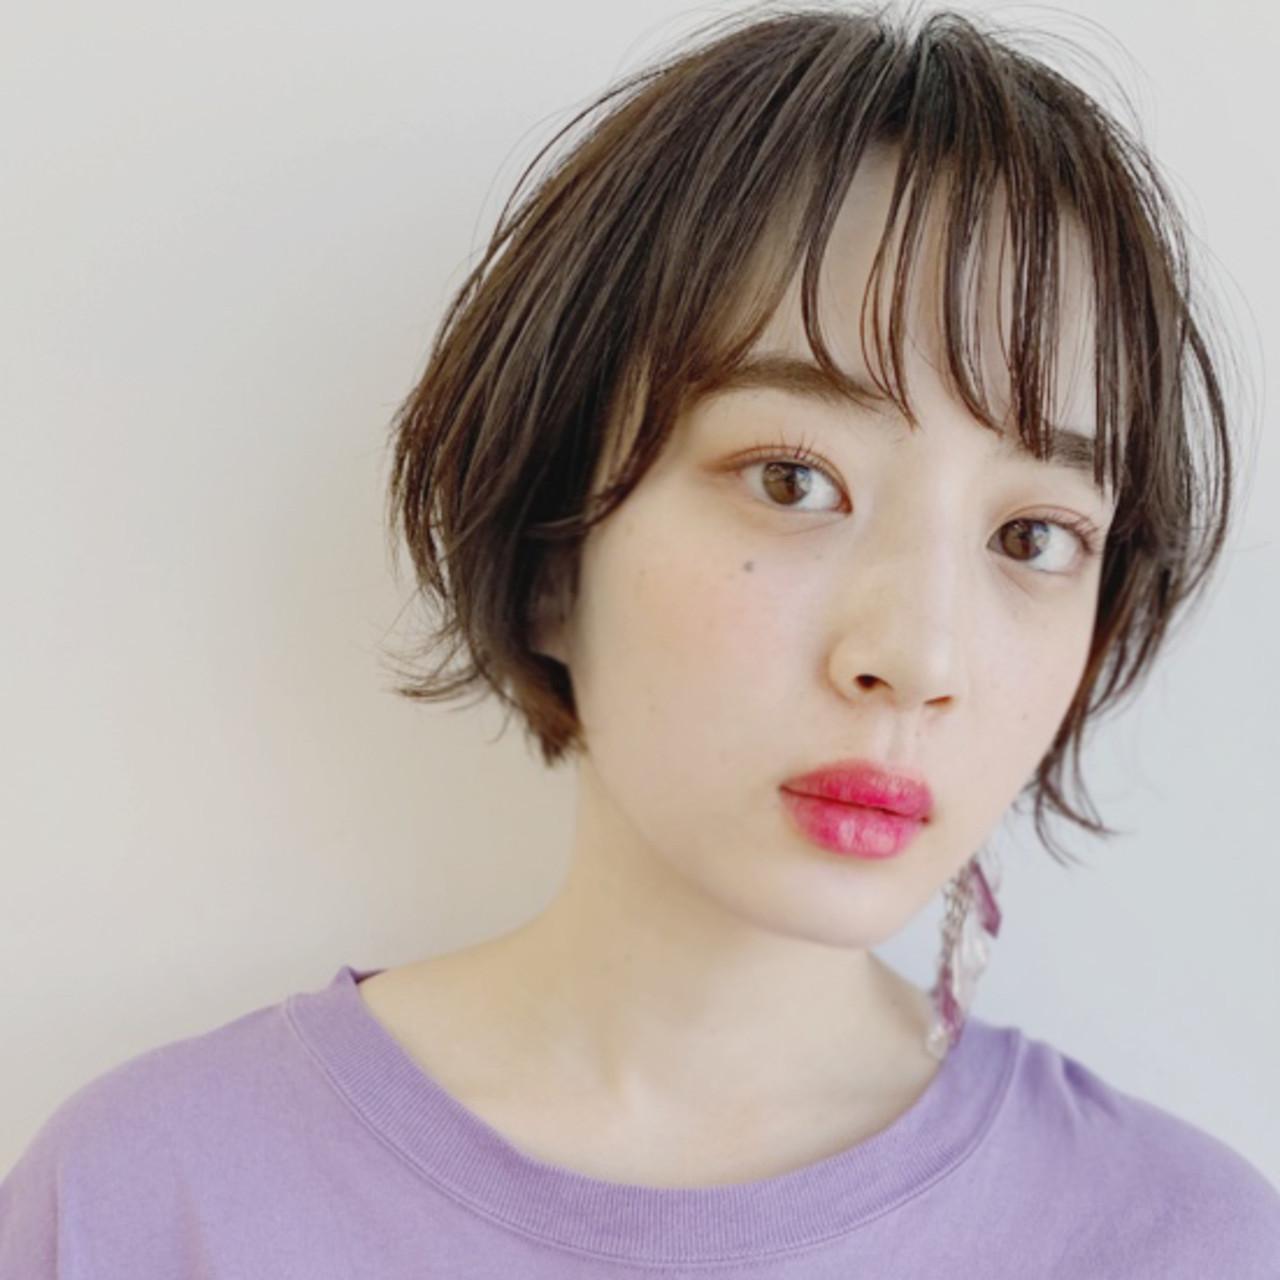 おしゃれな前髪2019年版。顔タイプ別に似合うトレンド前髪を紹介の10枚目の画像